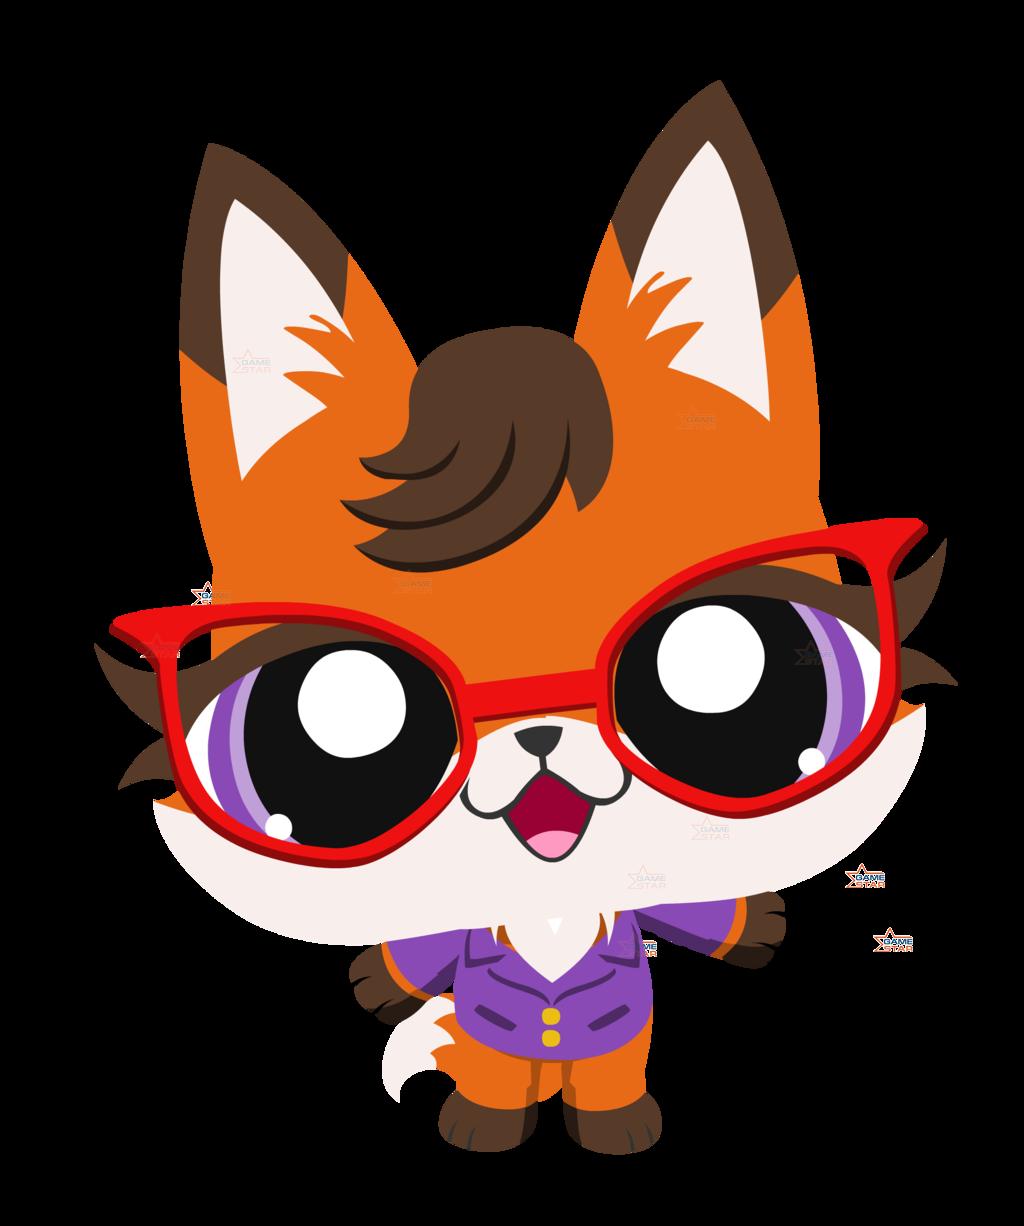 Littlest pet fox by. Clipart dog shop